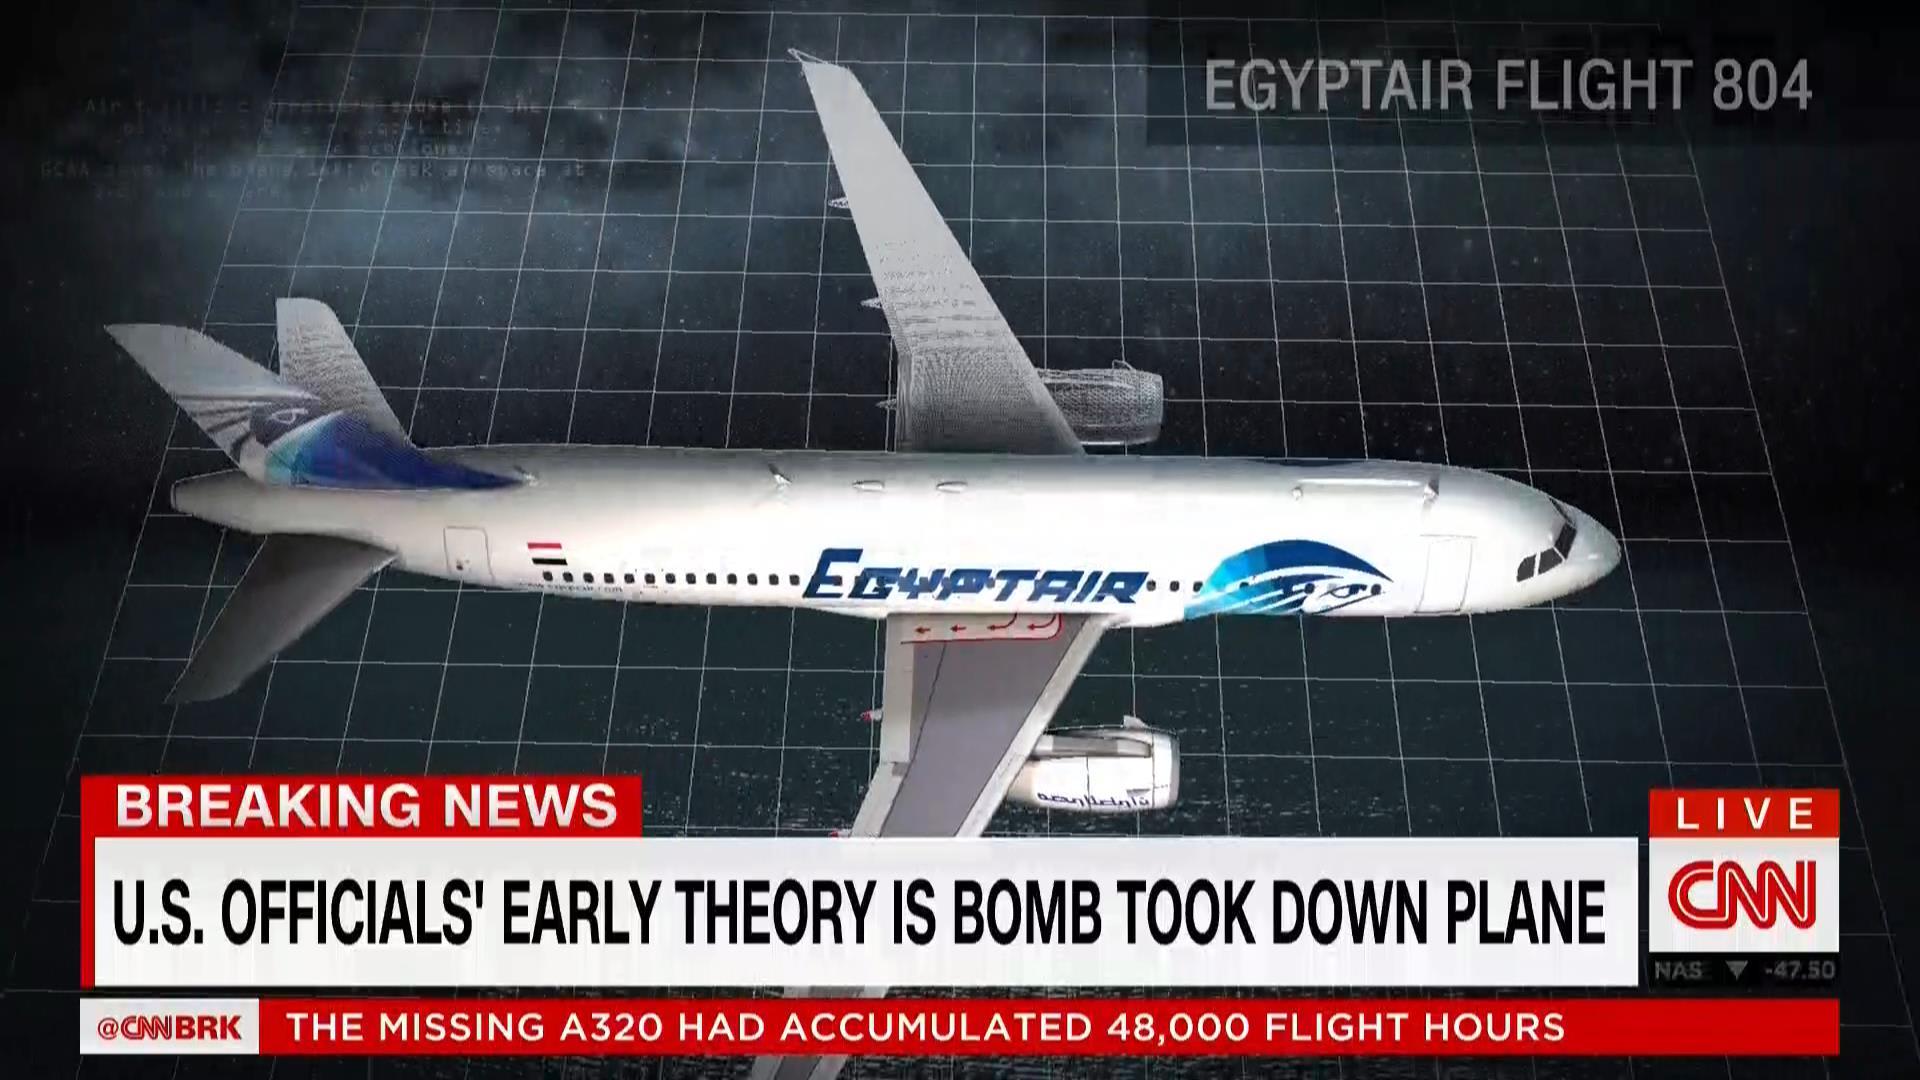 خبراء بالملاحة الجوية لـCNN: هناك 3 احتمالات لتحطم MS804.. والدوران 360 درجة ليس مناورة بحالة الطوارئ